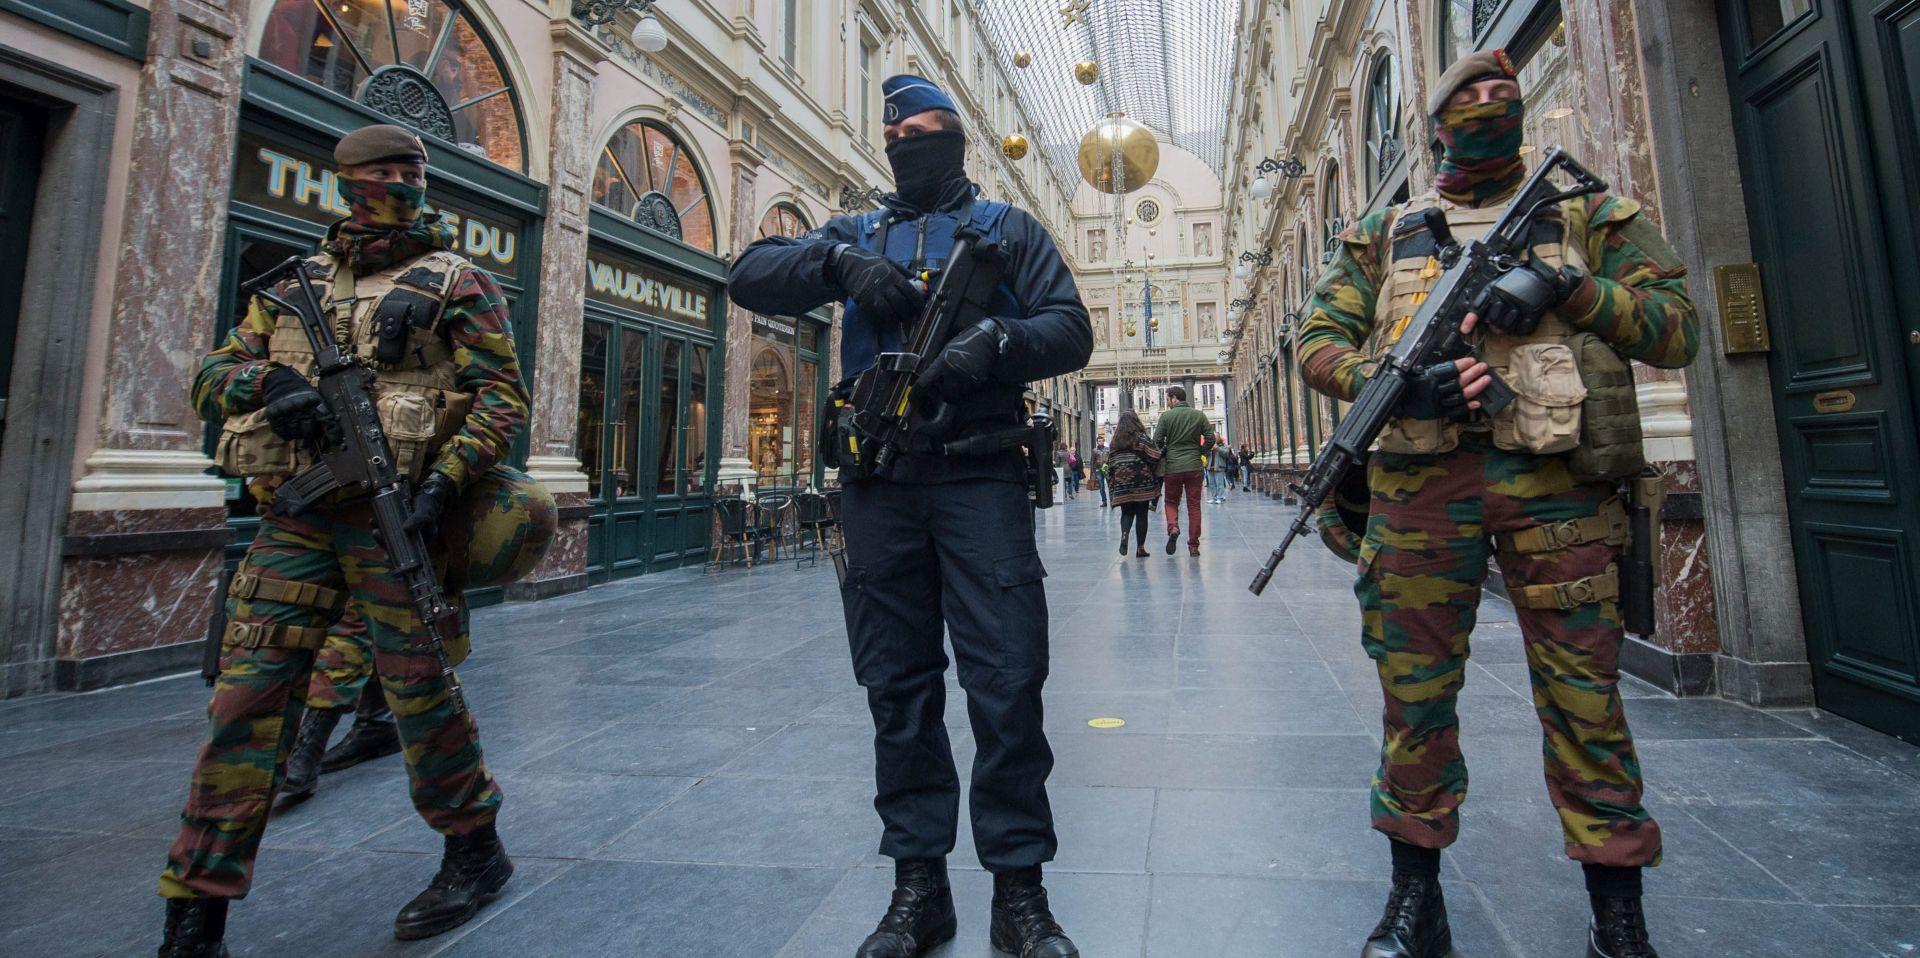 NEMA OZLIJEĐENIH: Bomba eksplodirala pred institutom za kriminalistiku u Bruxellesu